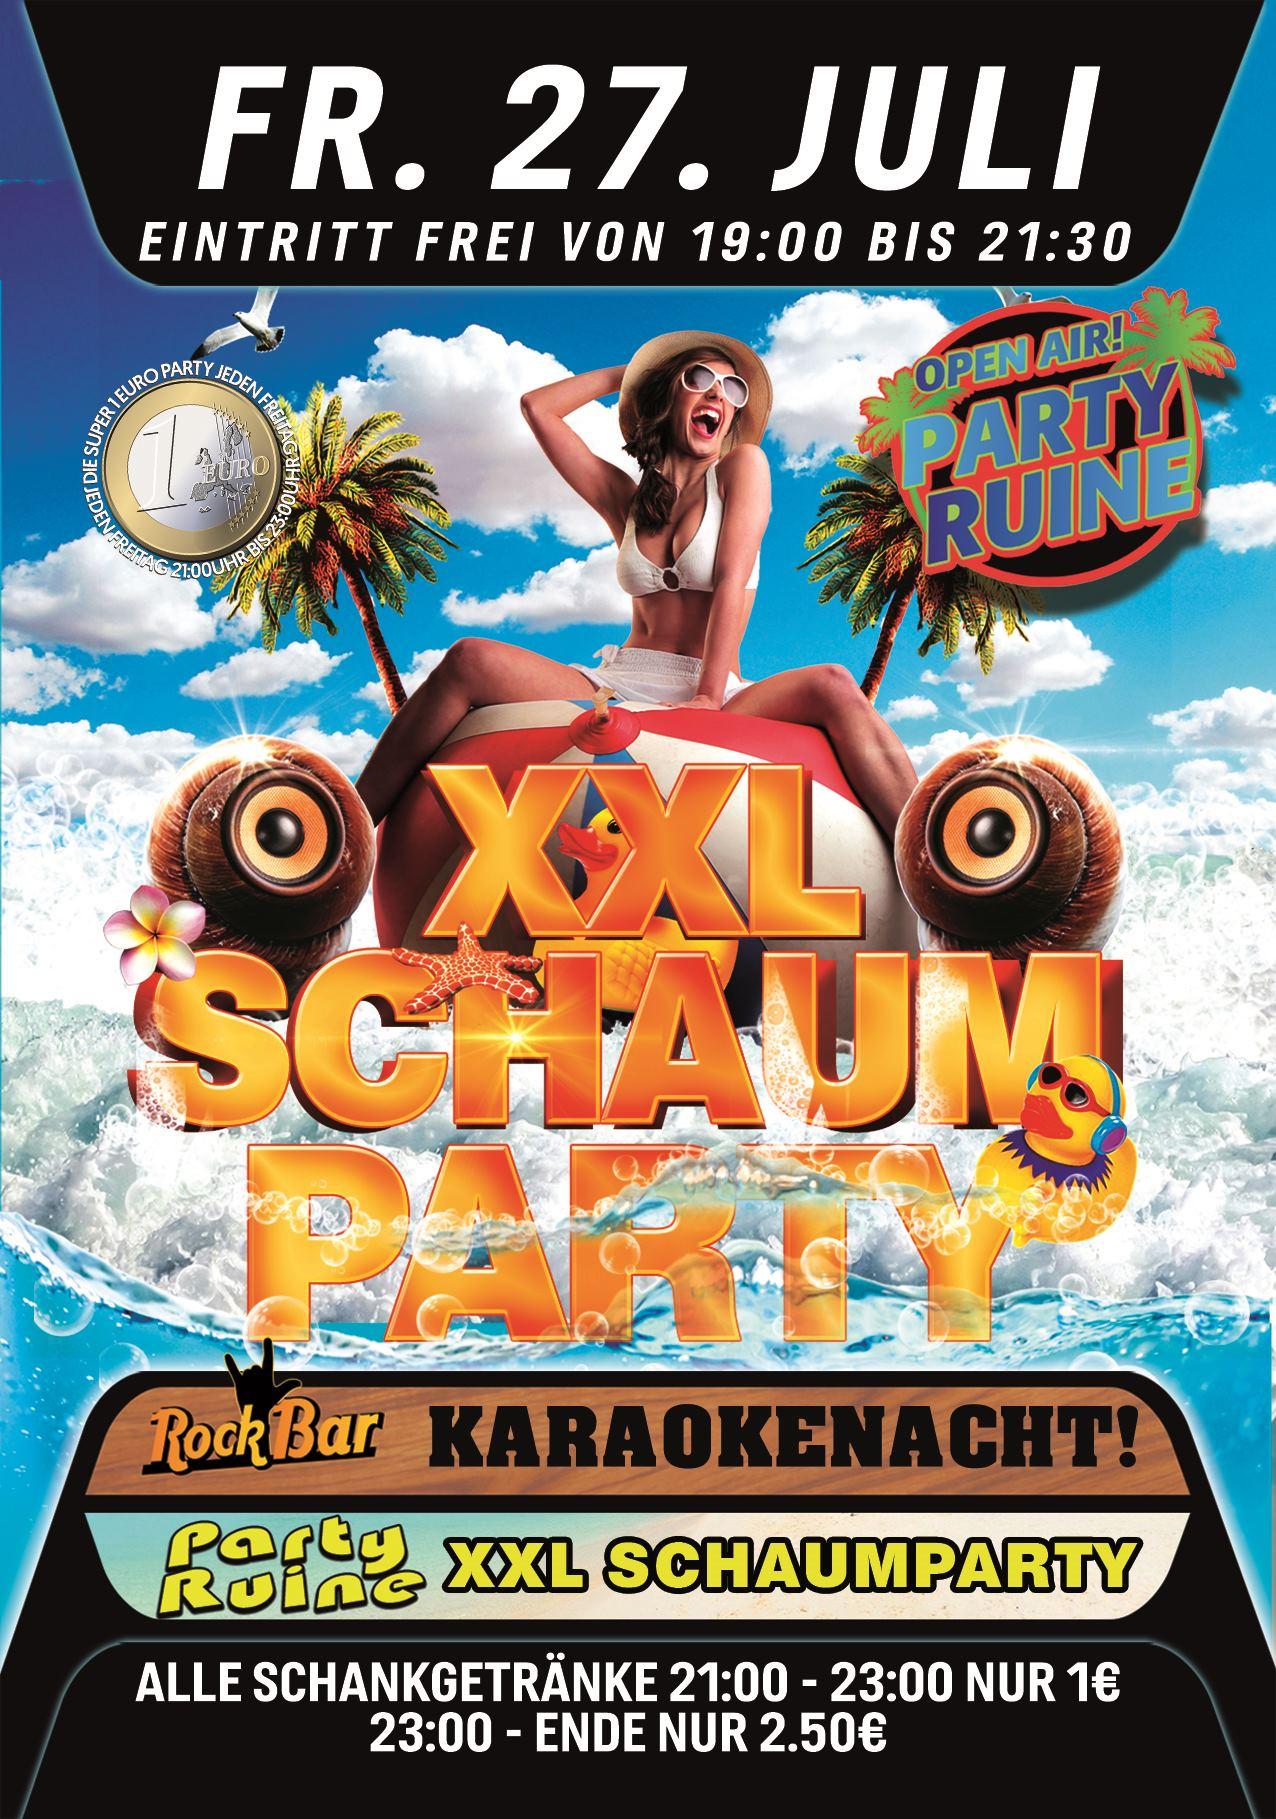 XXL SCHAUMPARTY!